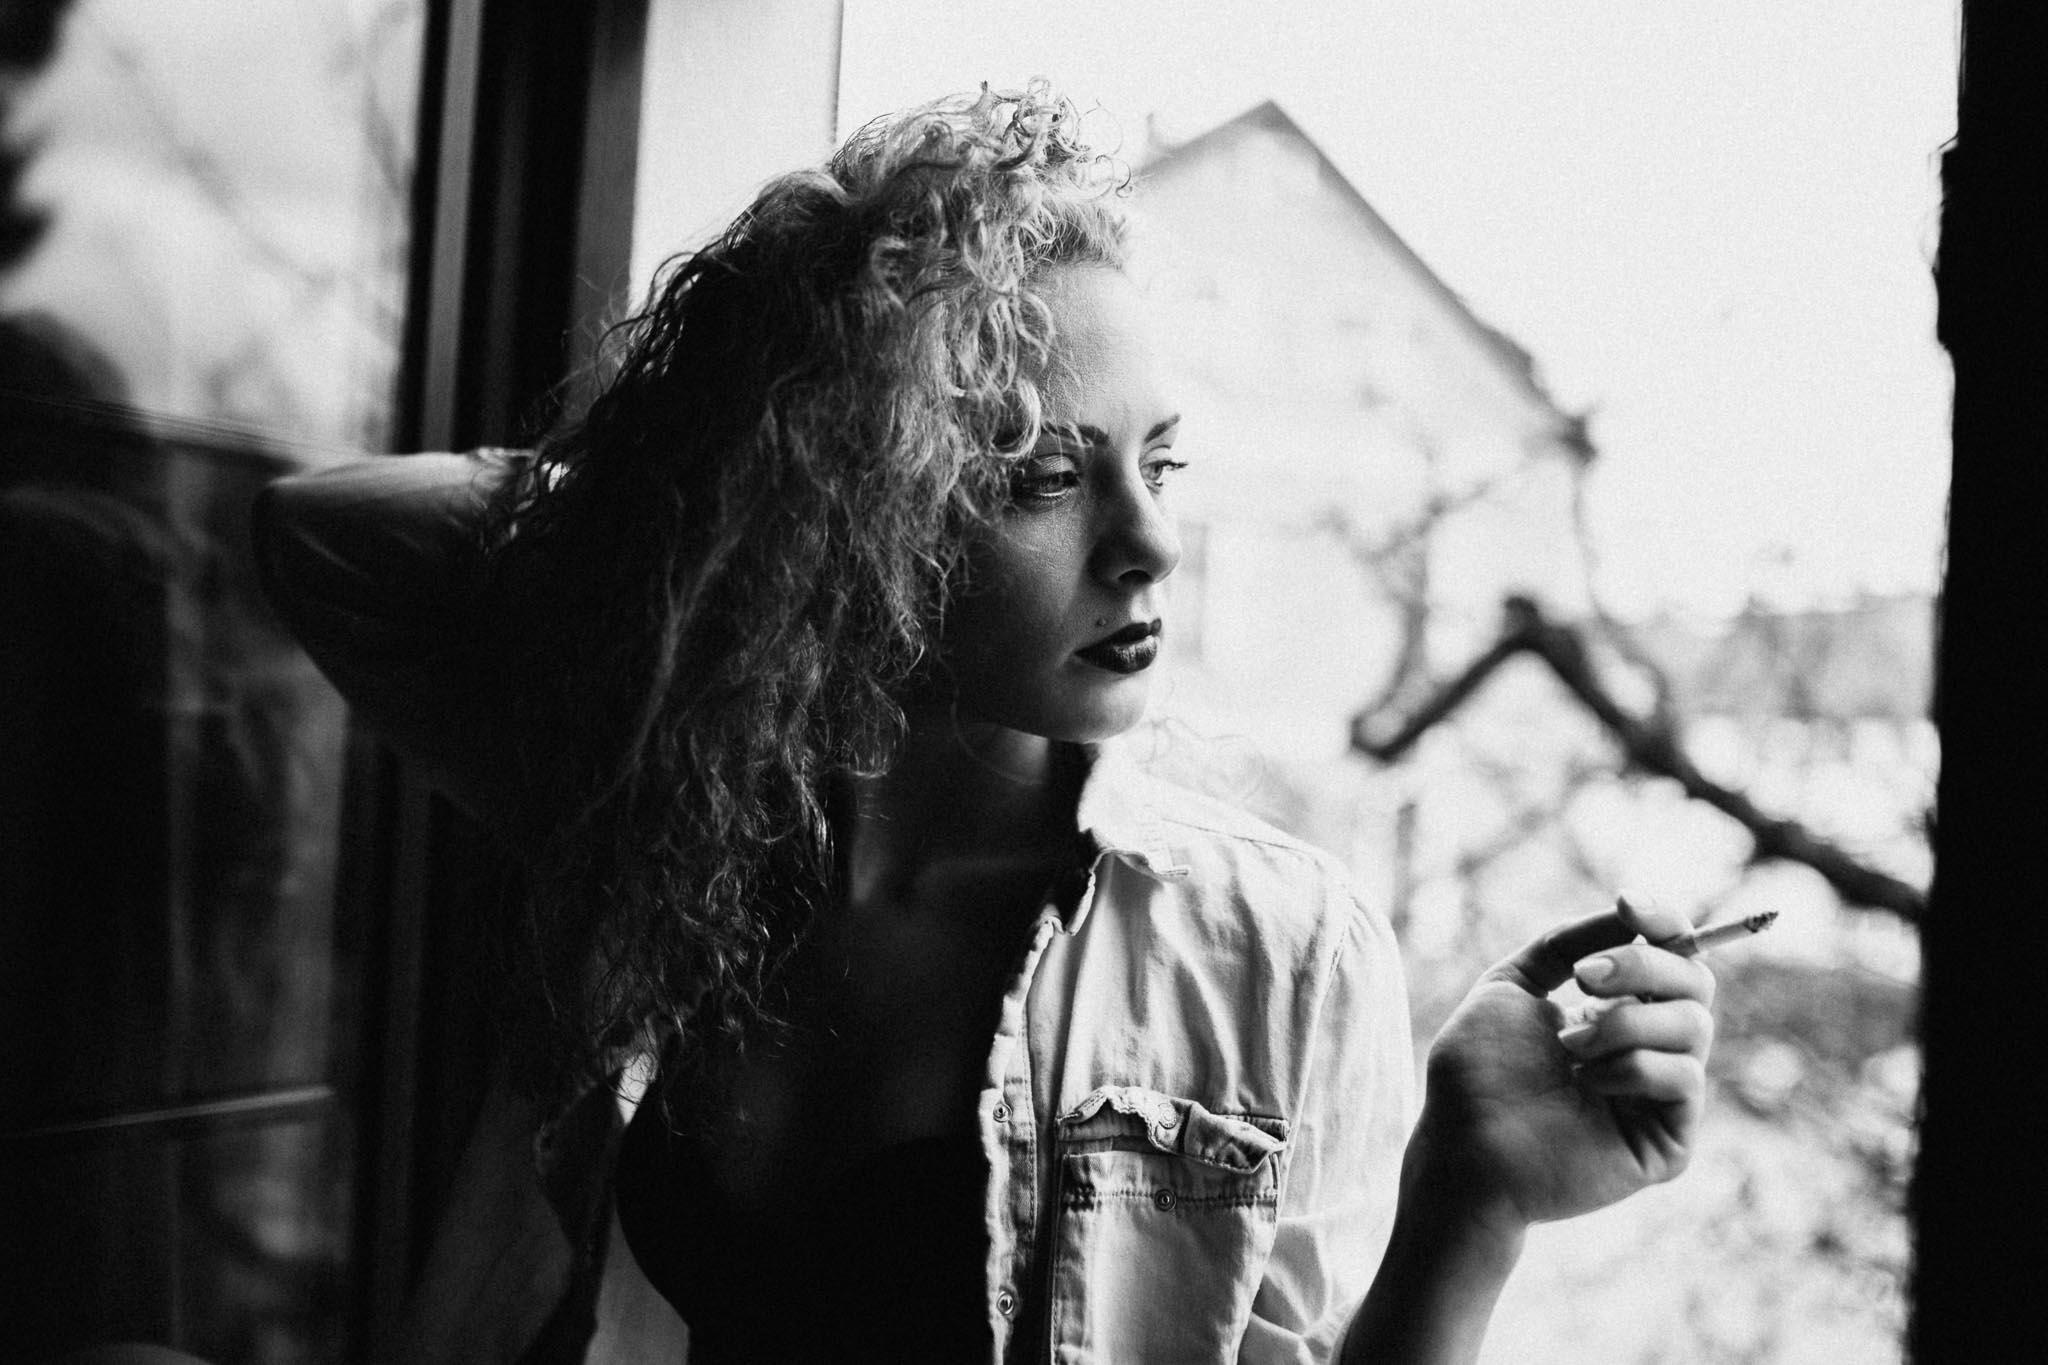 Model mit Zigarette am Fenster